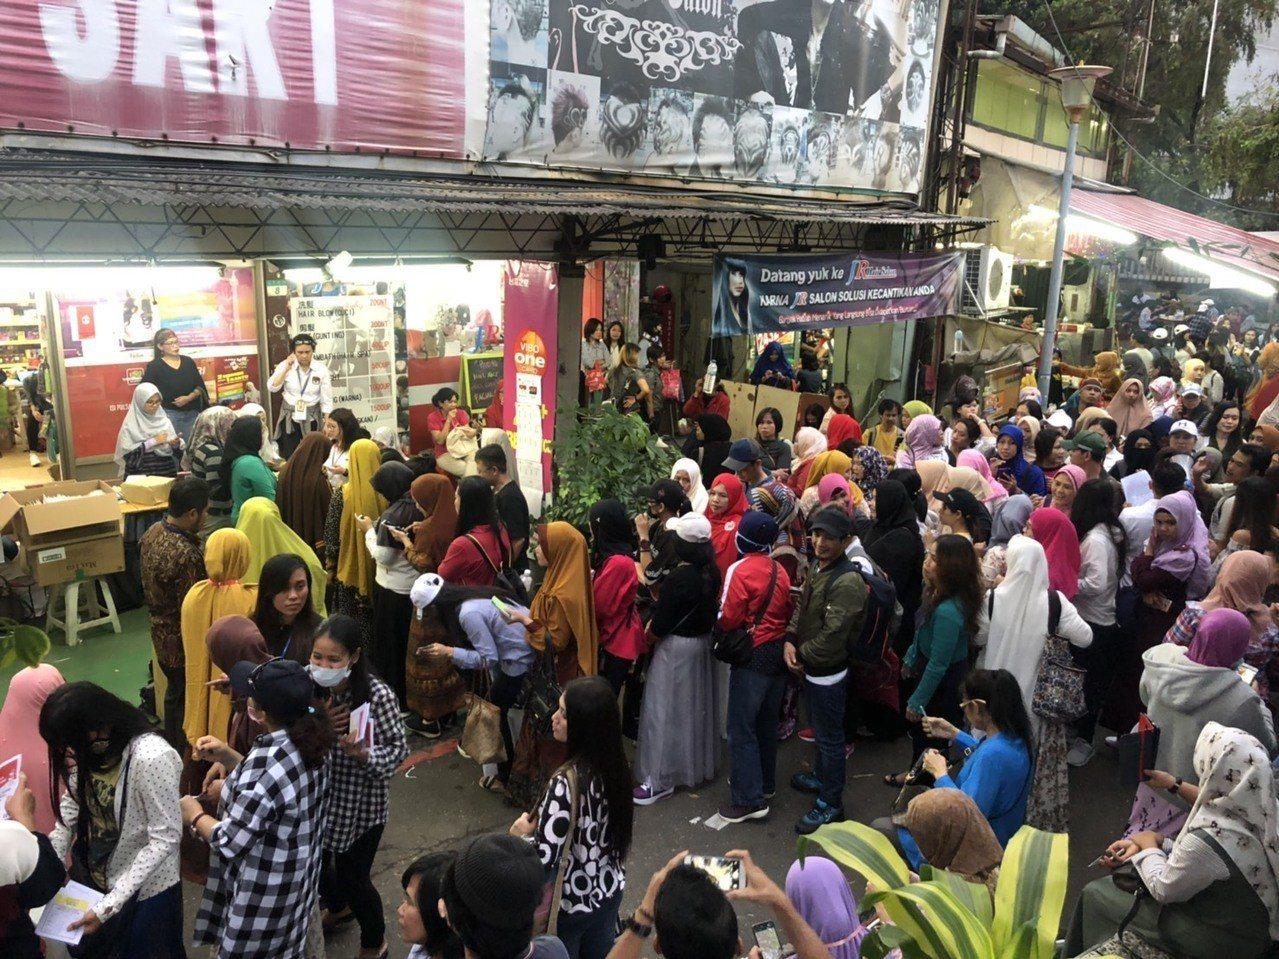 台北車站旁北平西路印尼街一家雜貨店成為投票所。記者侯俐安/攝影